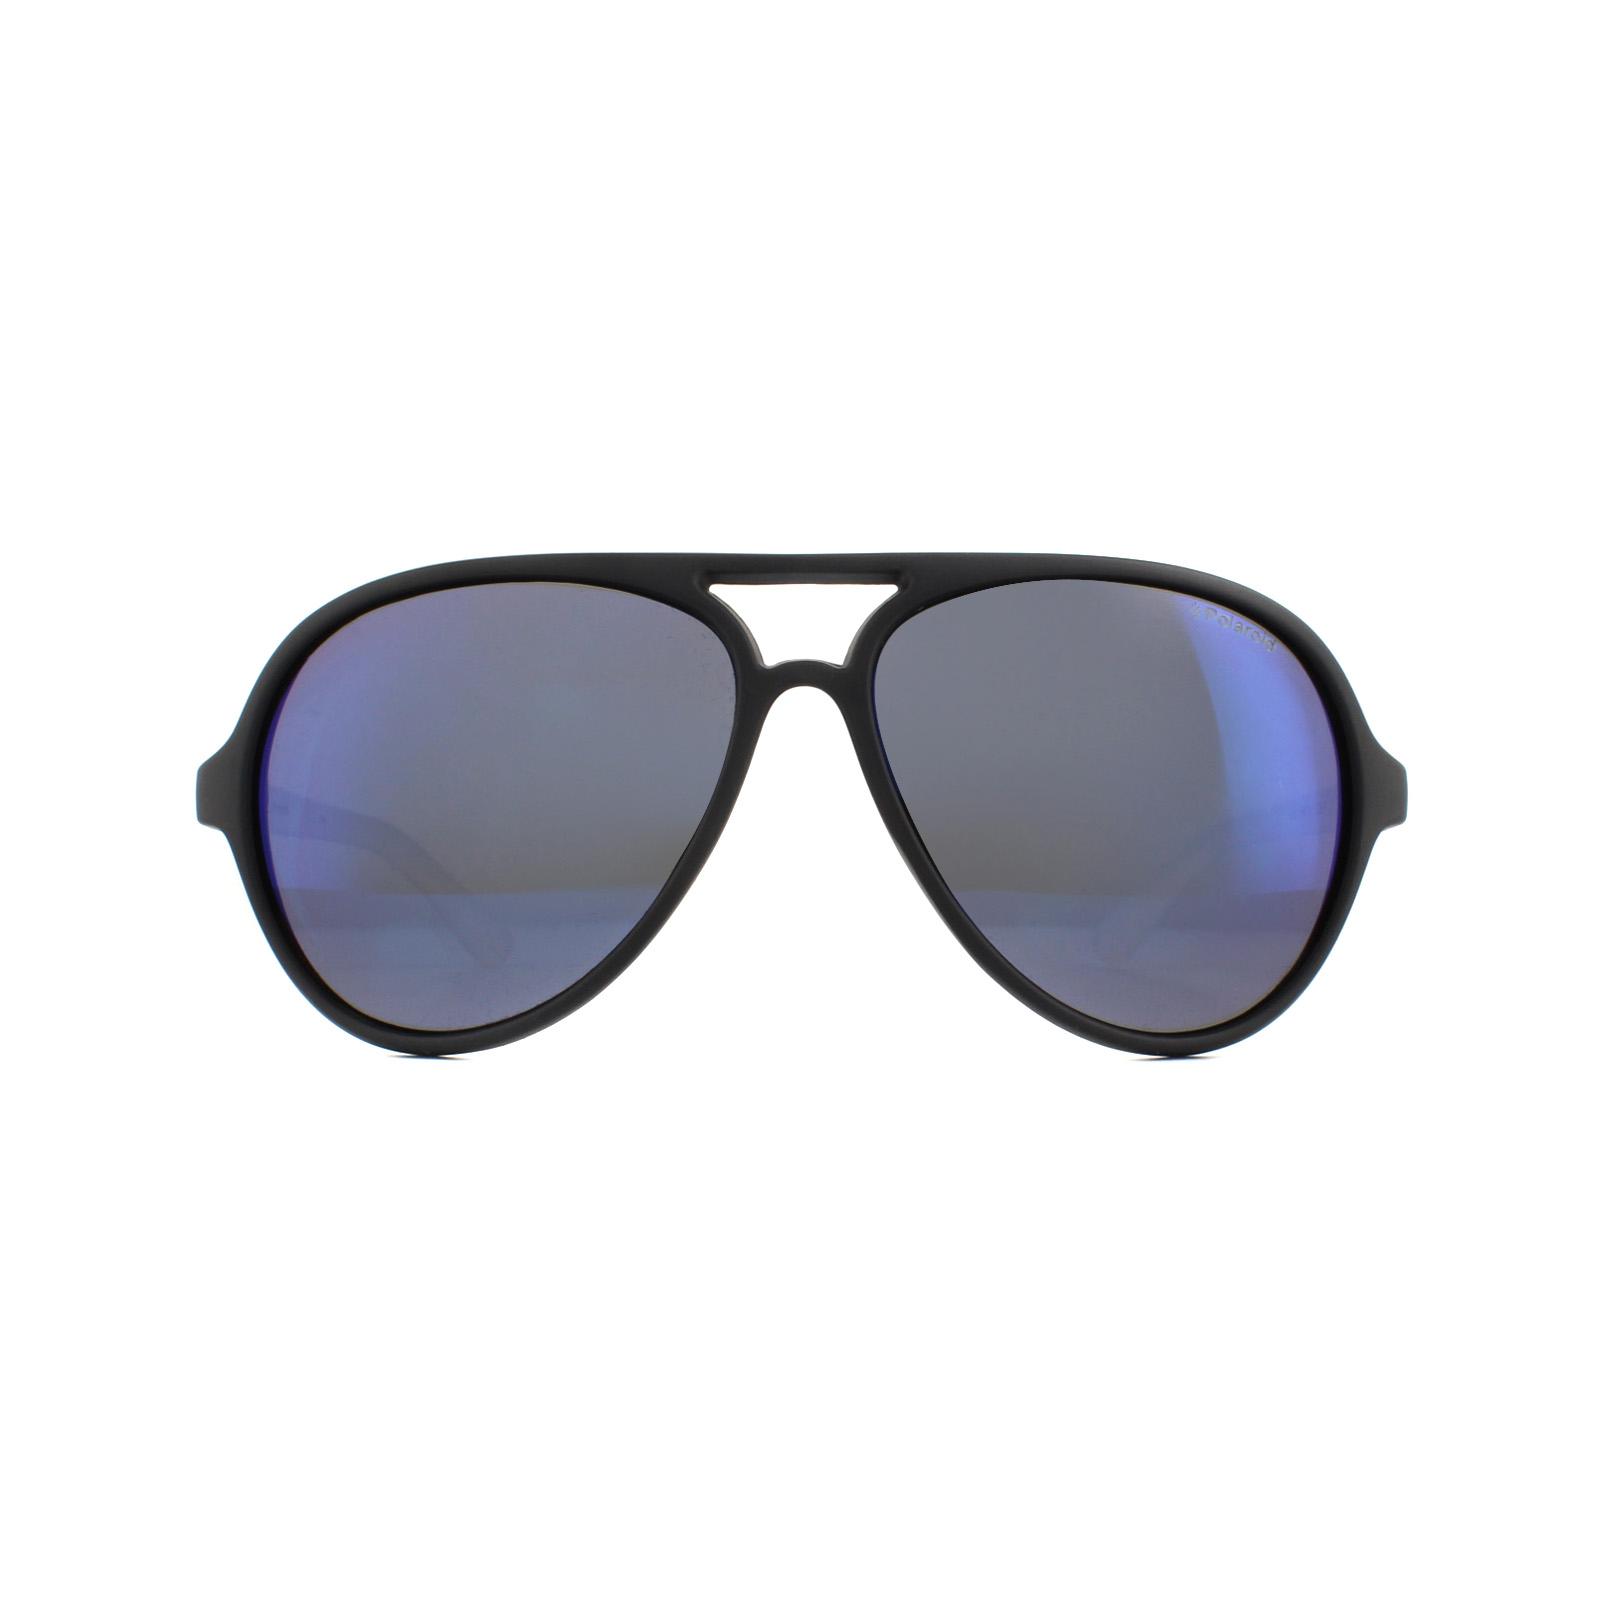 Dettagli su Polaroid Occhiali da Sole P8401 7C5 Jy Cristallo Nero Grigio Blu Specchio